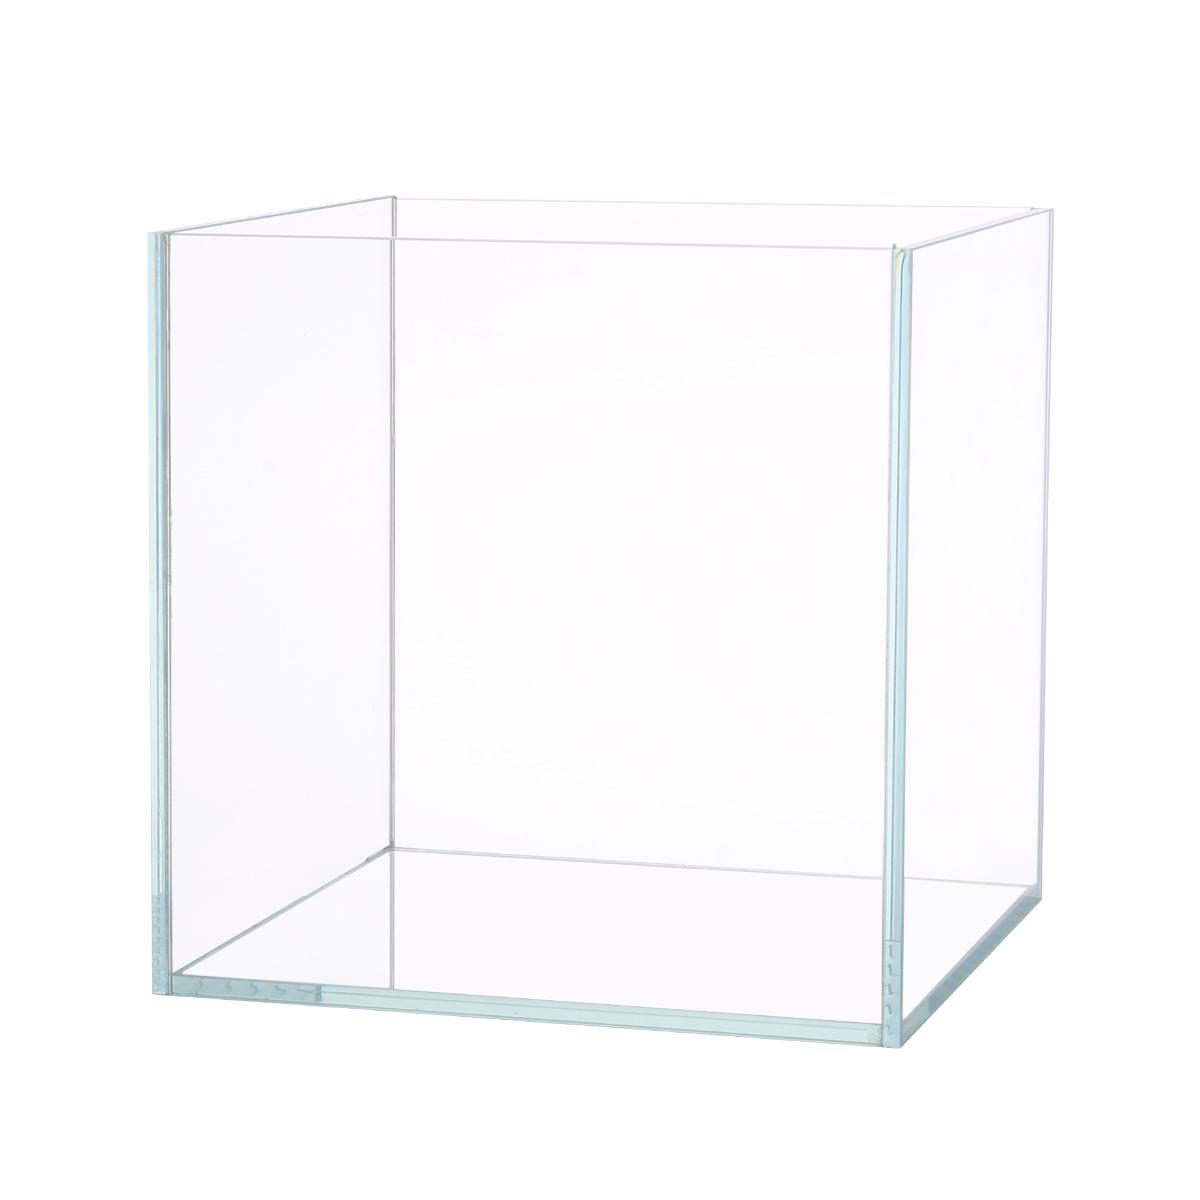 聚宝源 超白玻璃鱼缸乌龟缸草缸金鱼缸 JBY-200 小图 (0)